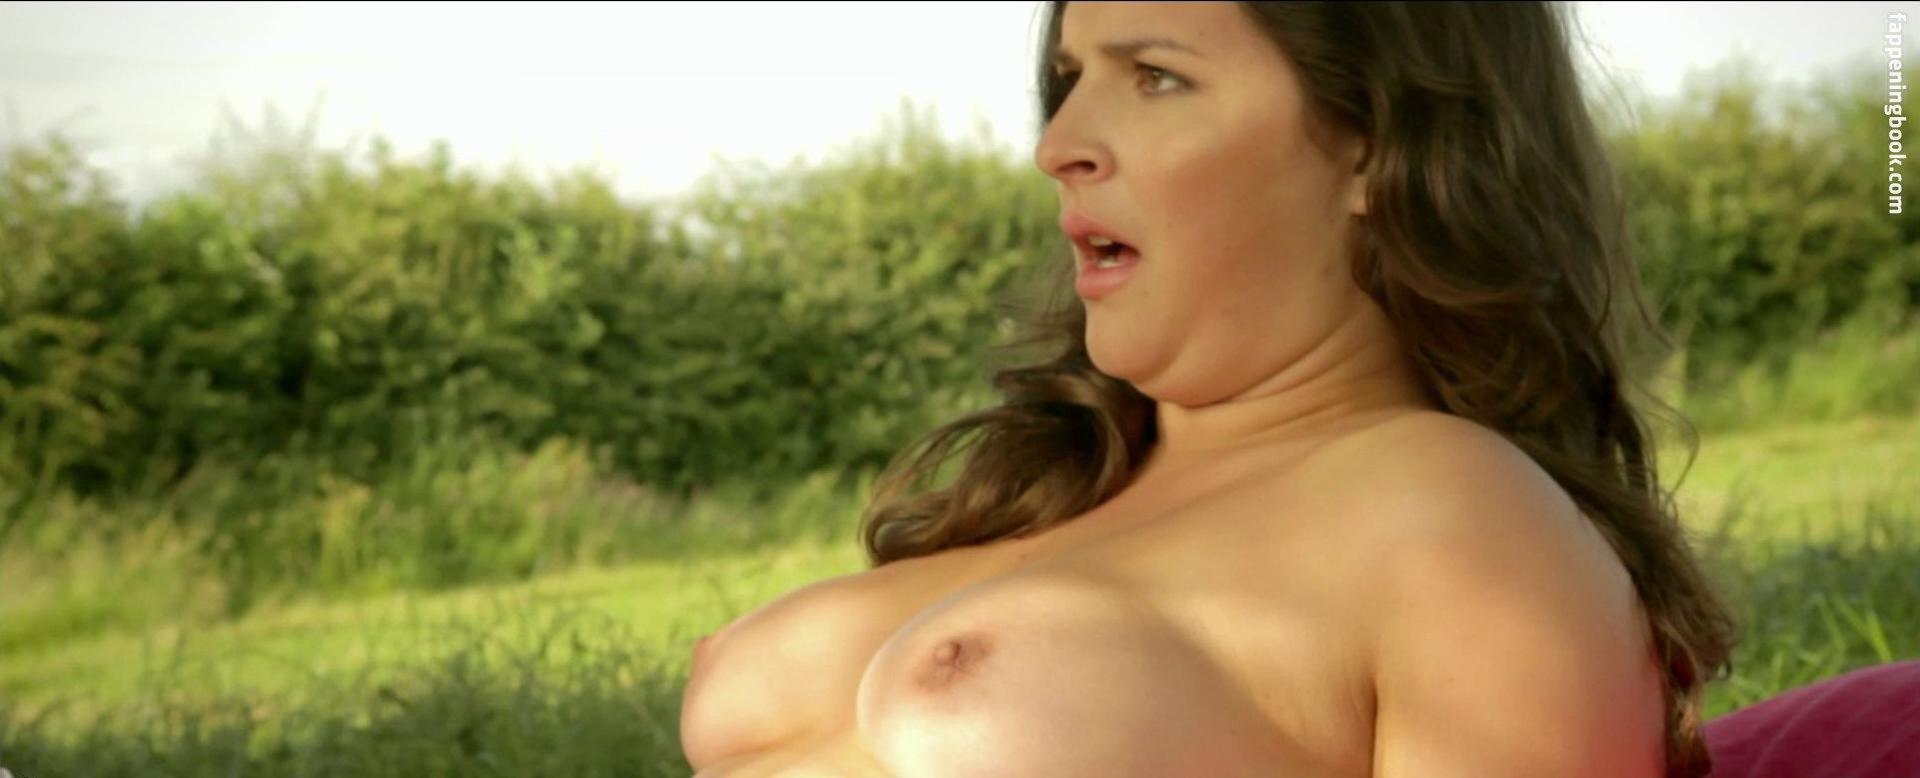 Gwenllian Higginson Nude